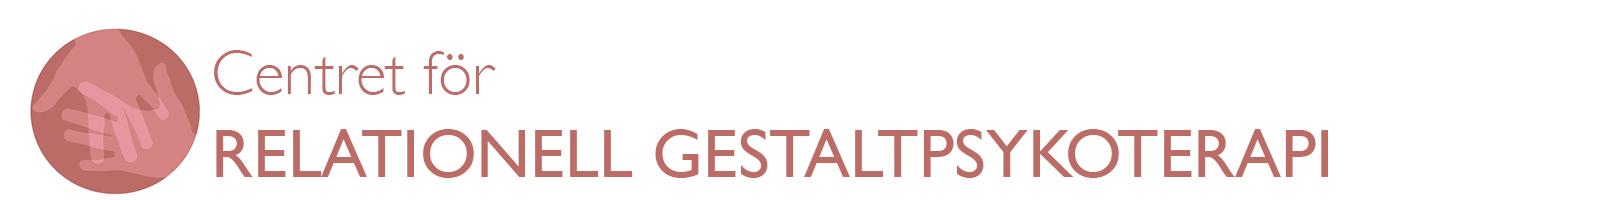 relationalgestalt_logo27